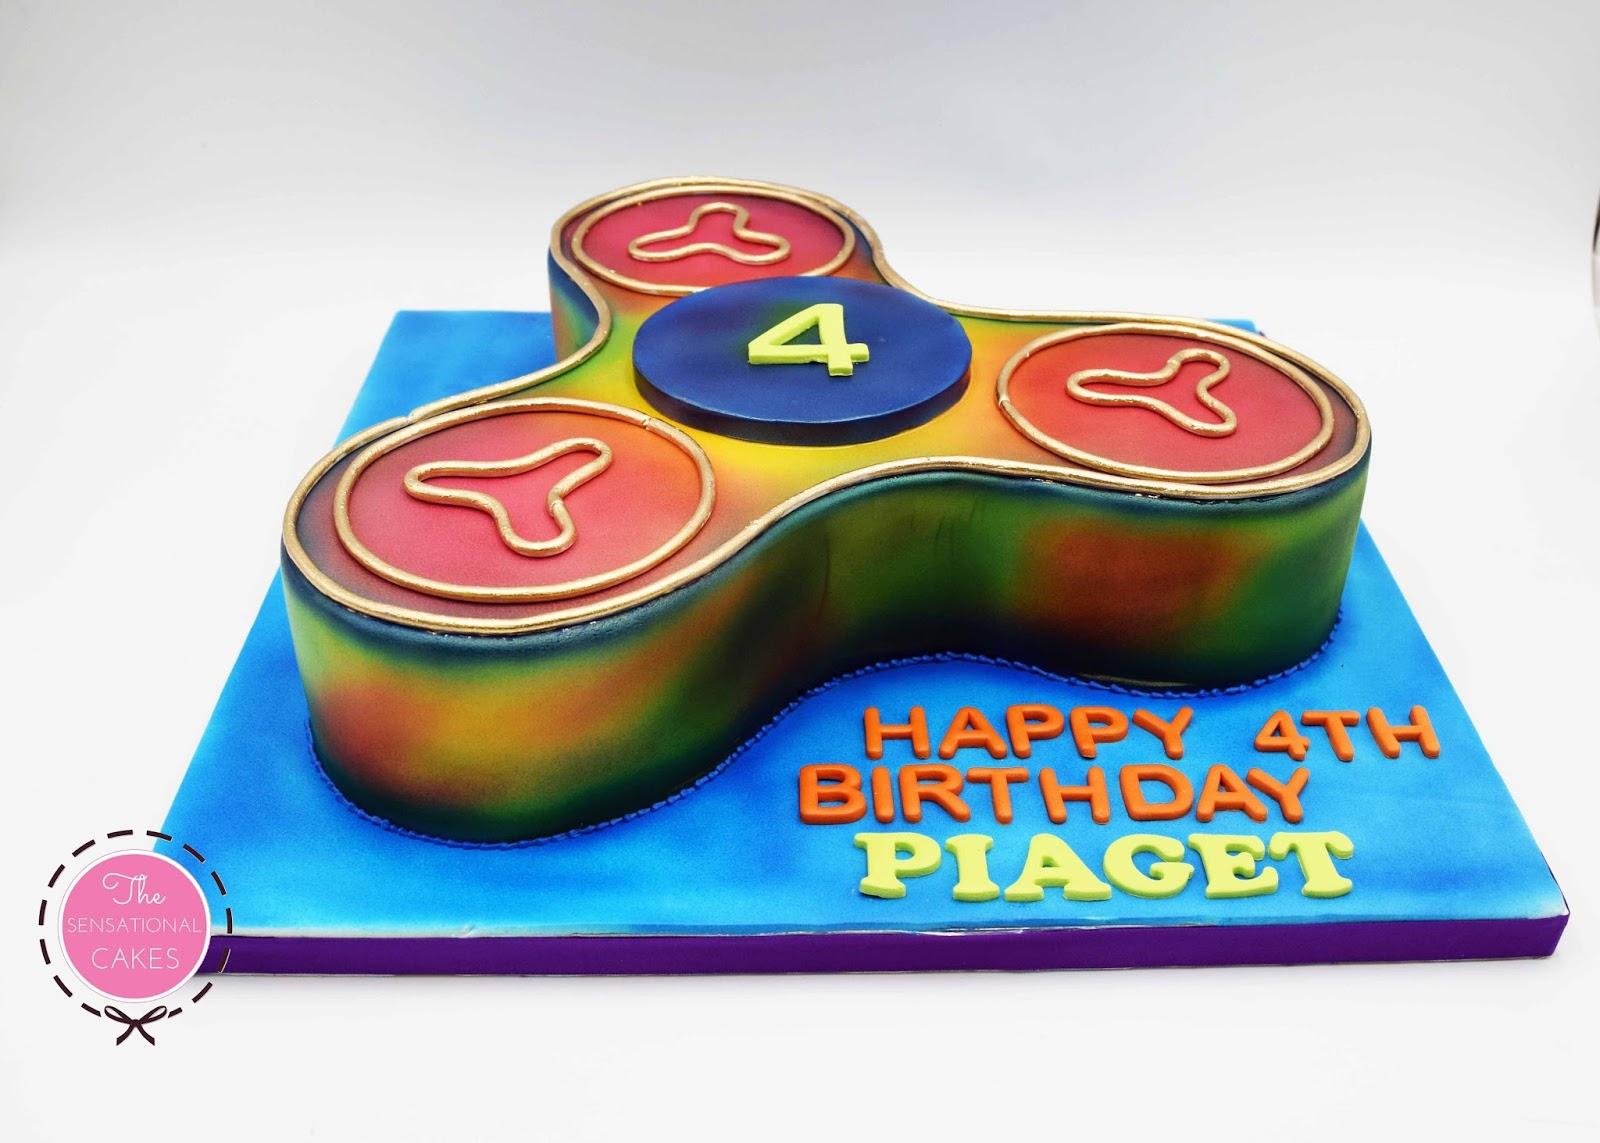 The Sensational Cakes: Piaget's Fidget Spinner Birthday Fondant Cake ...